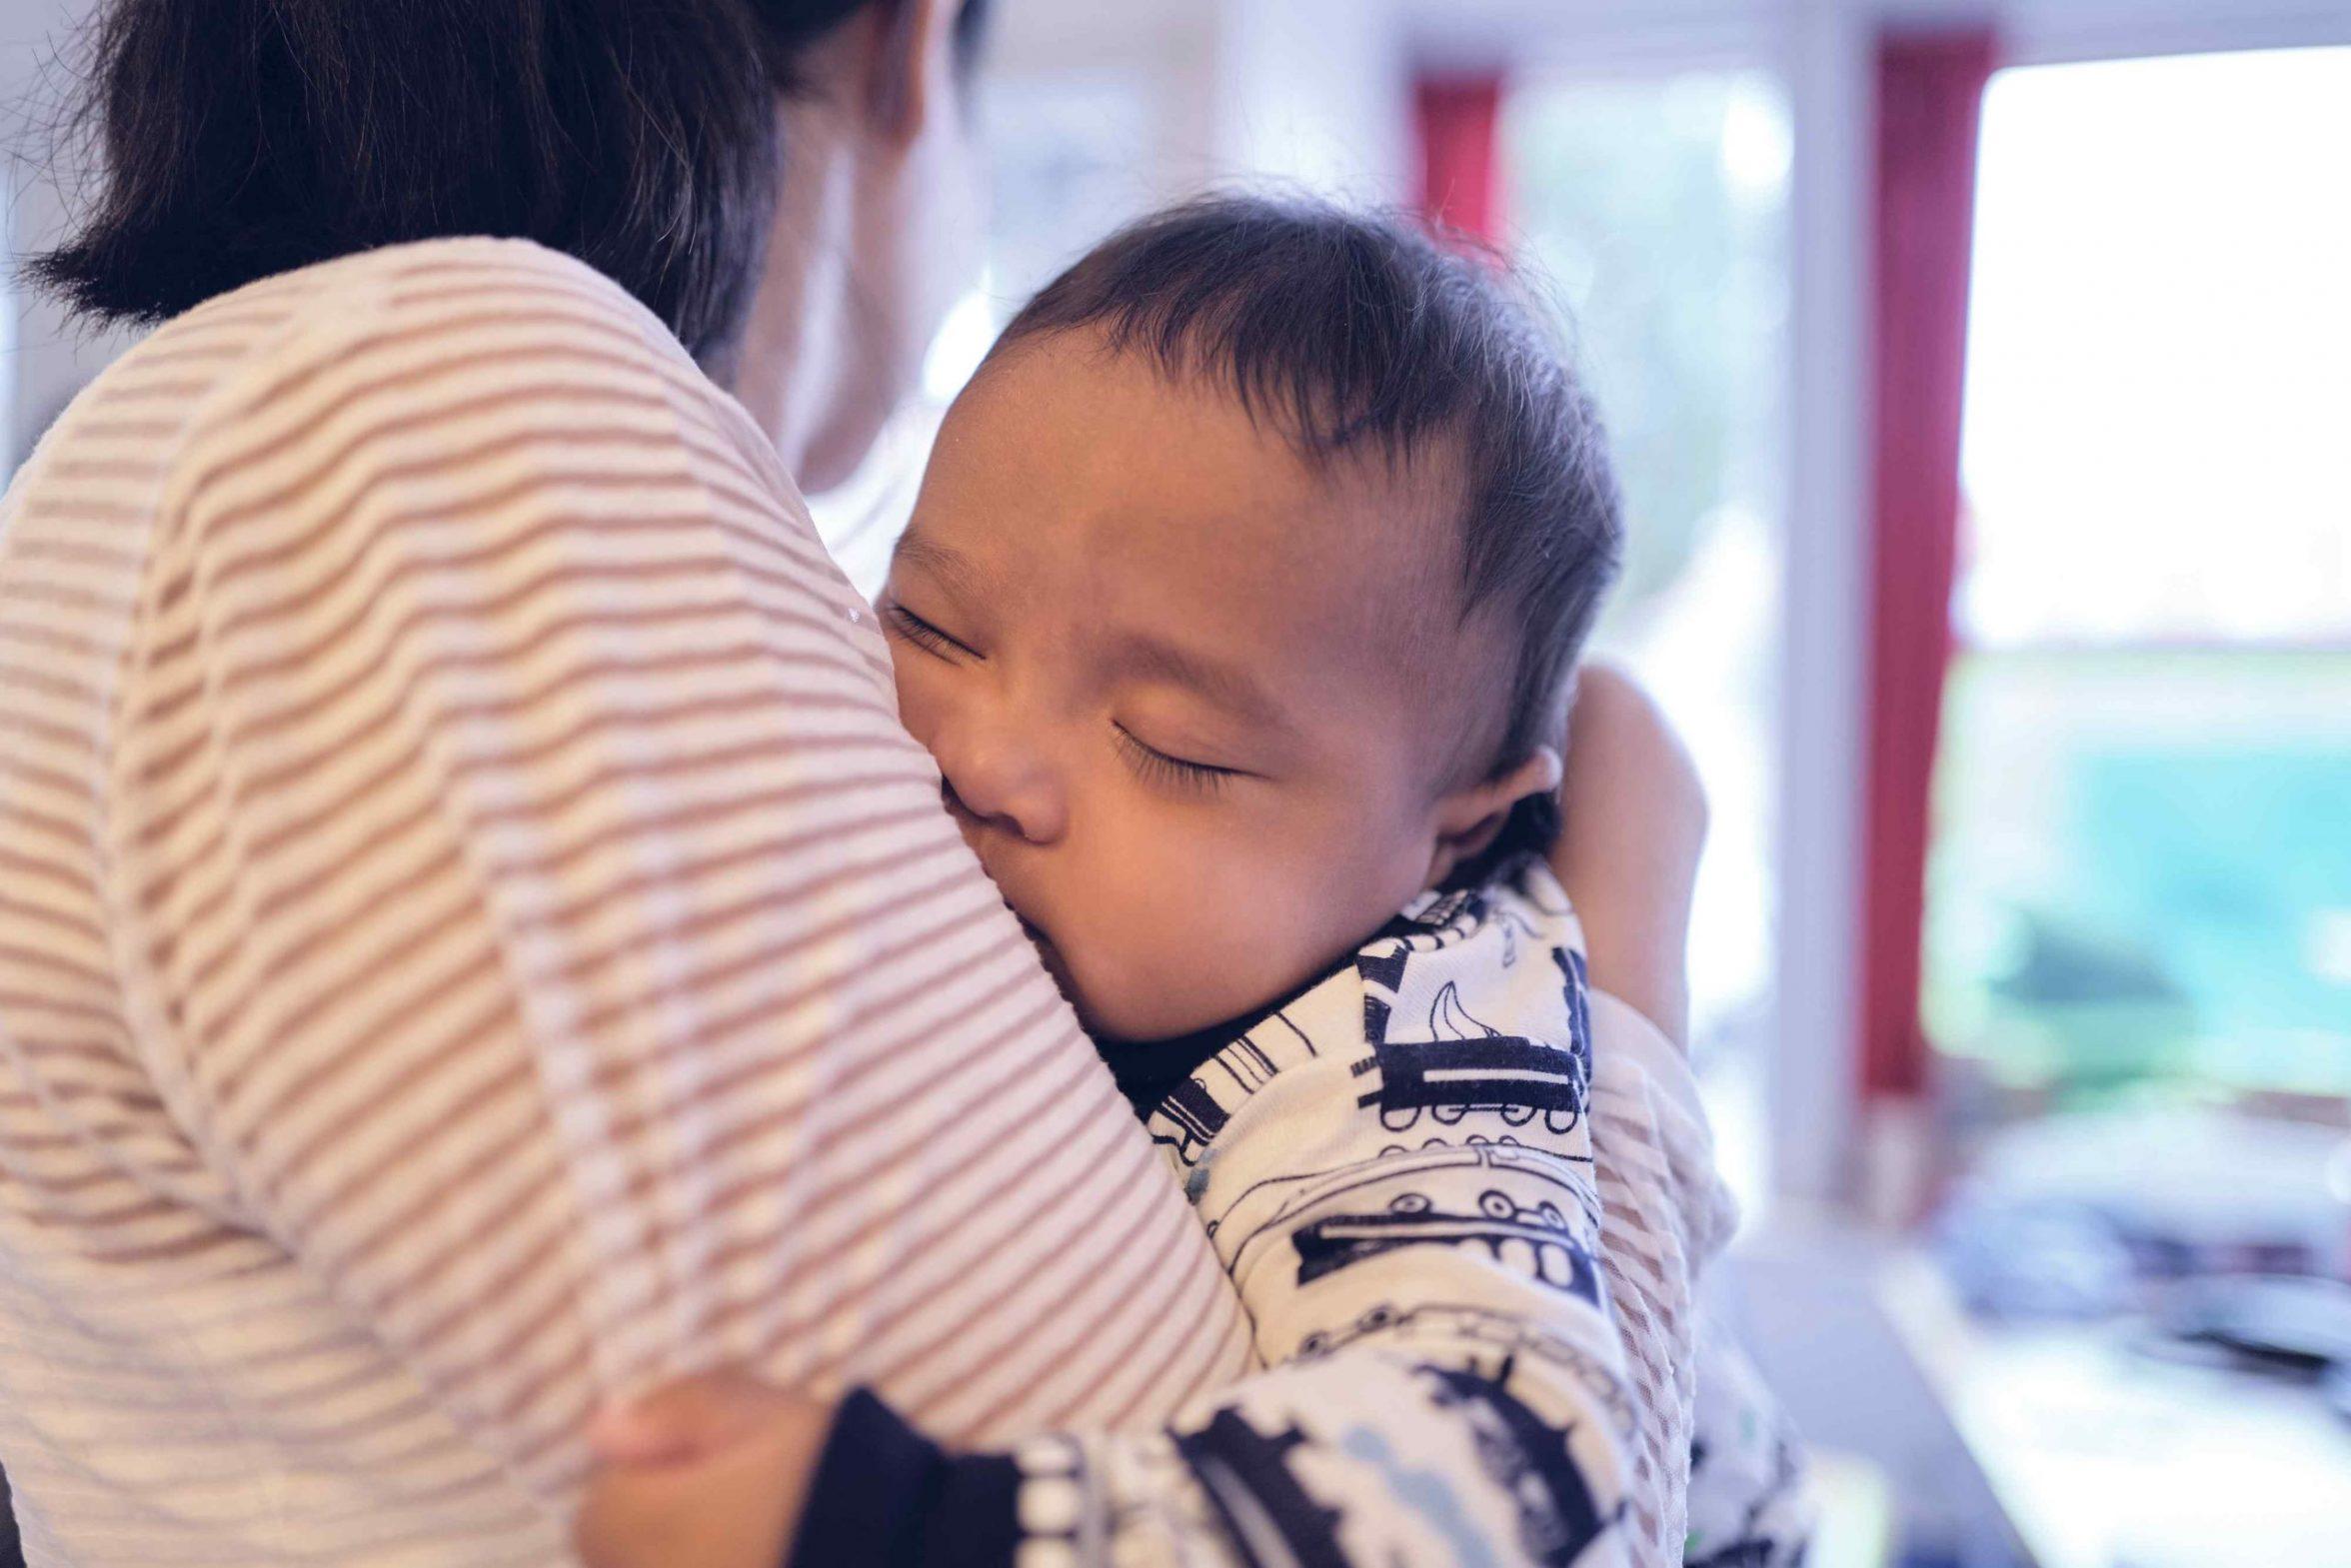 Baby er faldet i søvn på sin mors arm. Foto: Keen Heick-Abildhauge